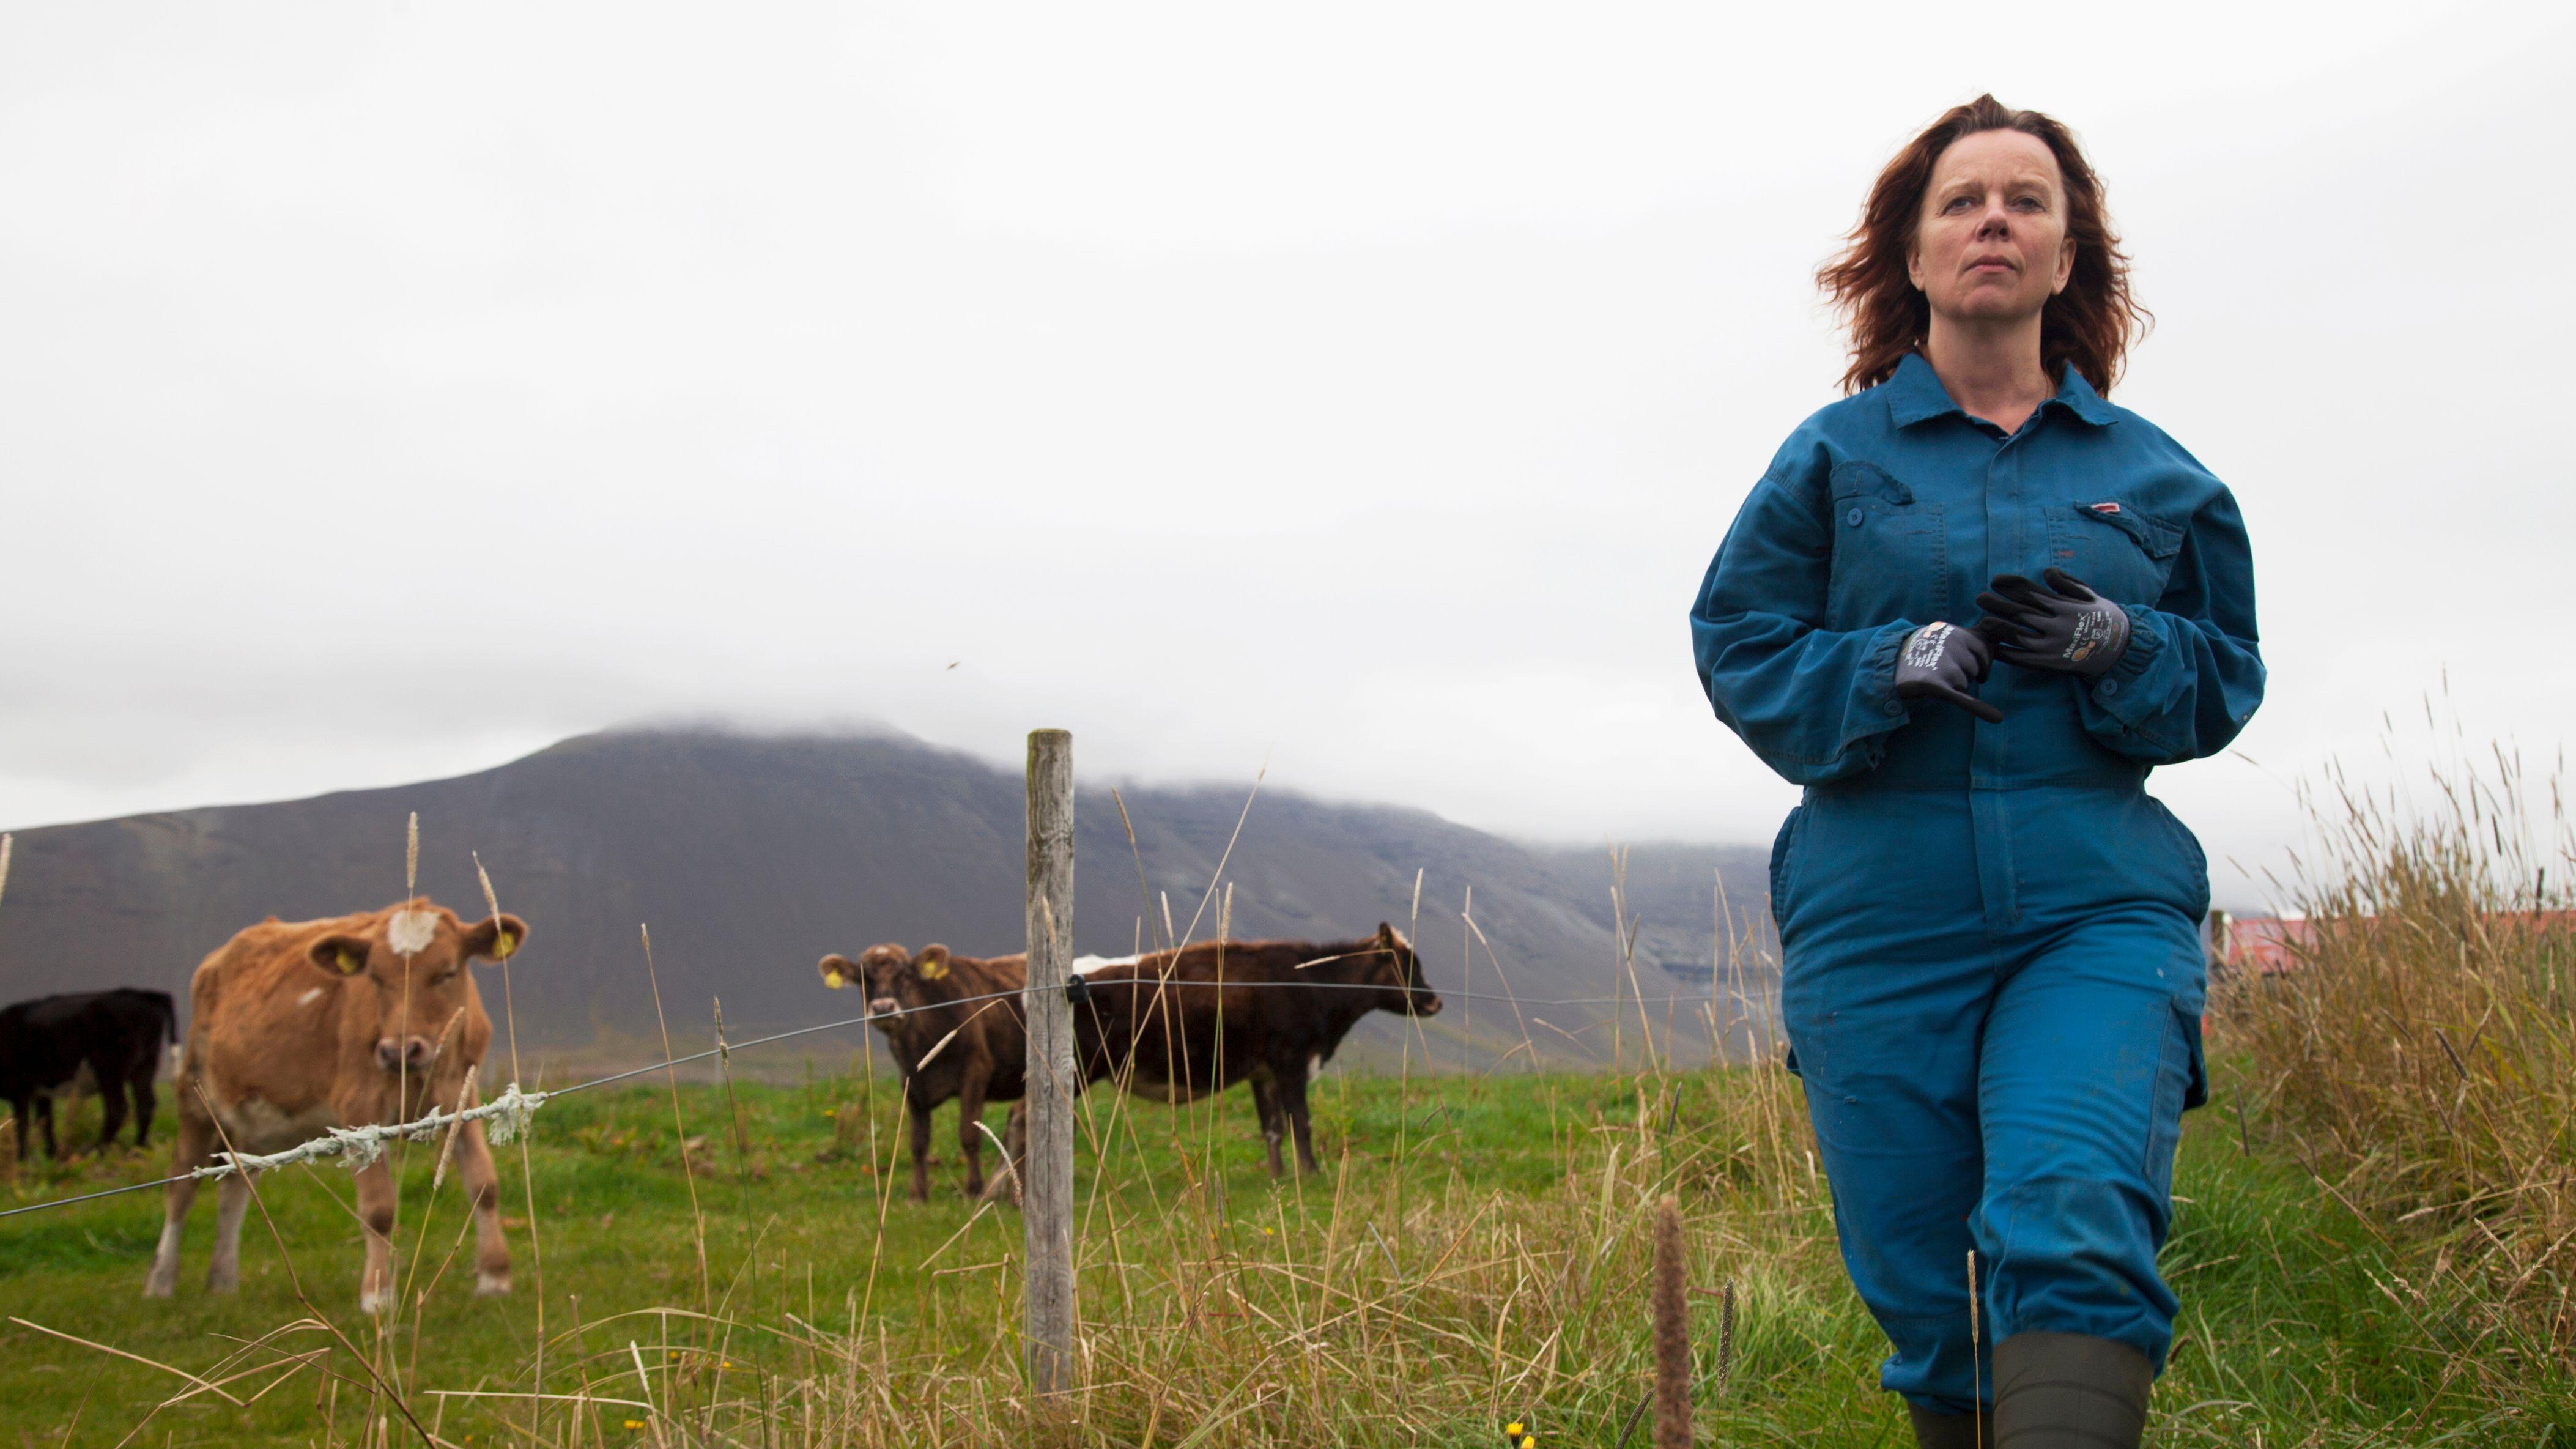 Große Schauspielleistung: Arndís Hrönn Egilsdóttir als Milchbauerin Inga (Filmstill)